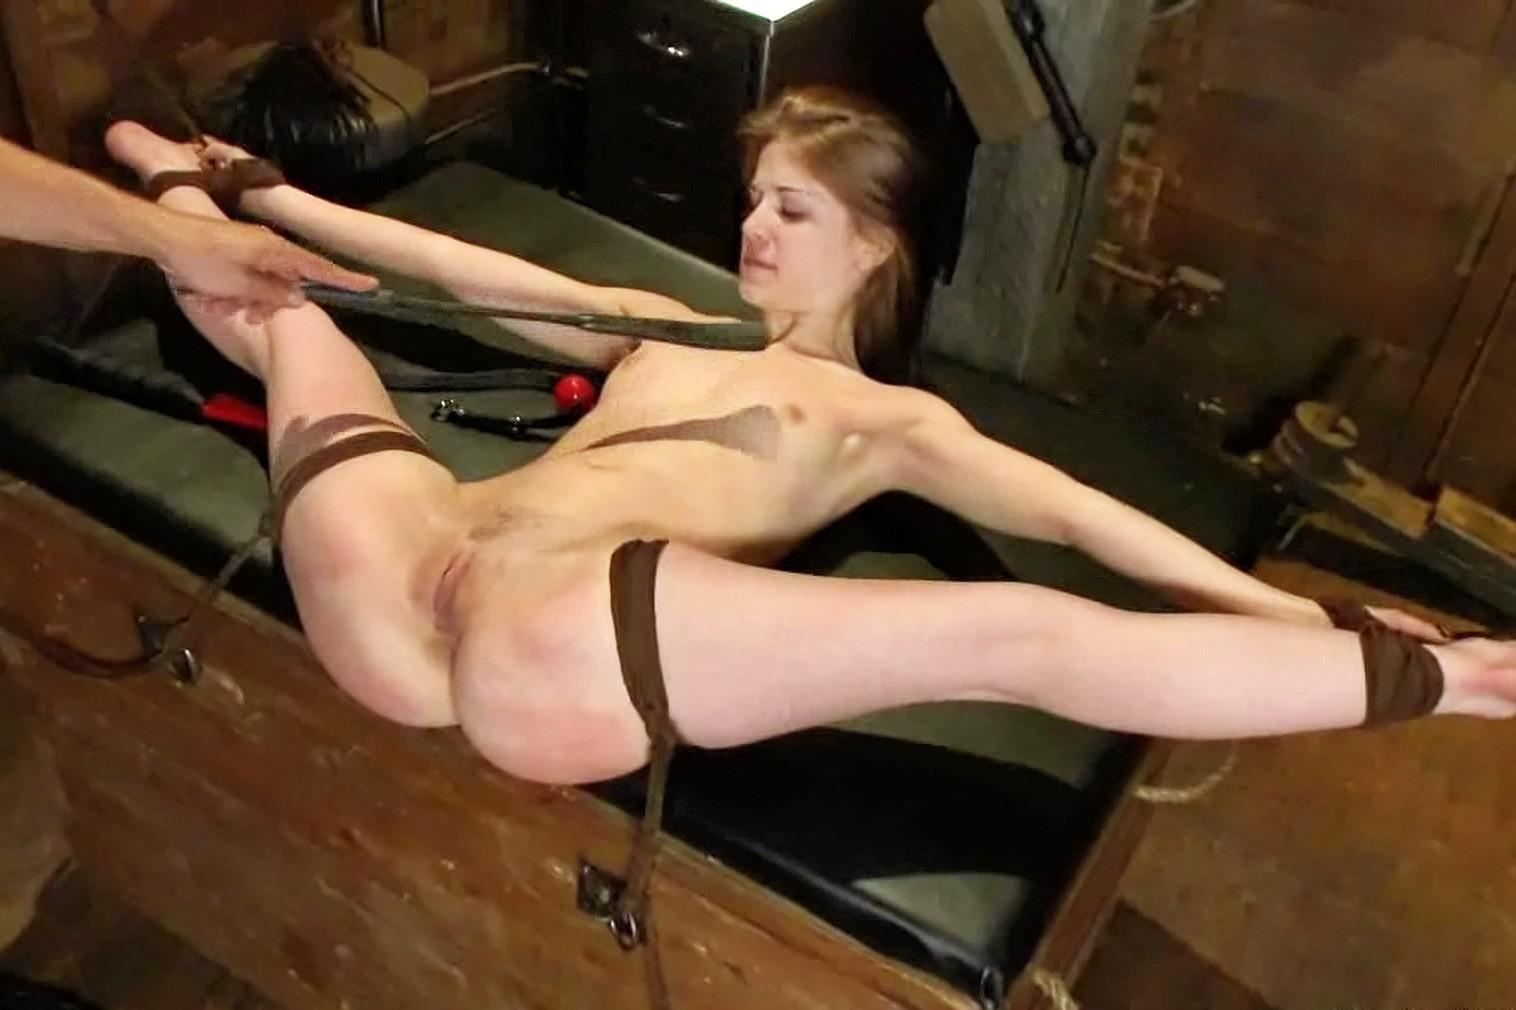 Gay anal developing rosebud